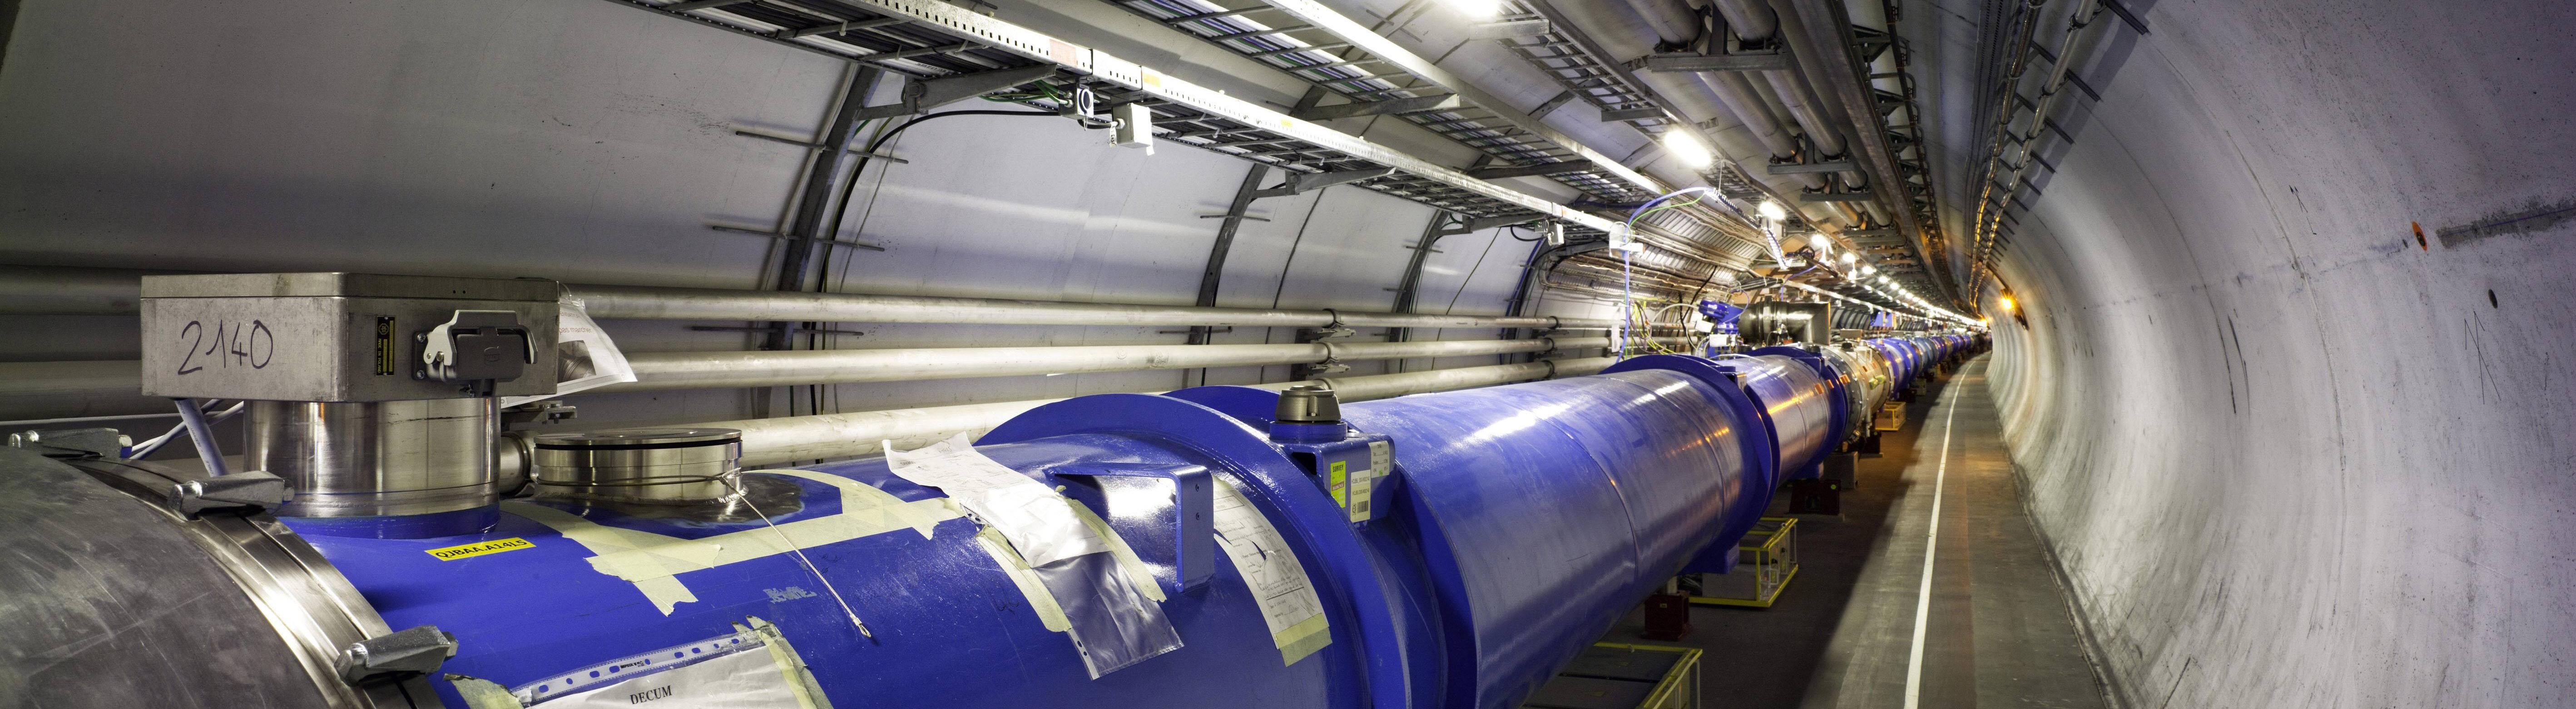 Auf der Suche nach physikalischen Antworten: der Teilchenbeschleuniger am Cern